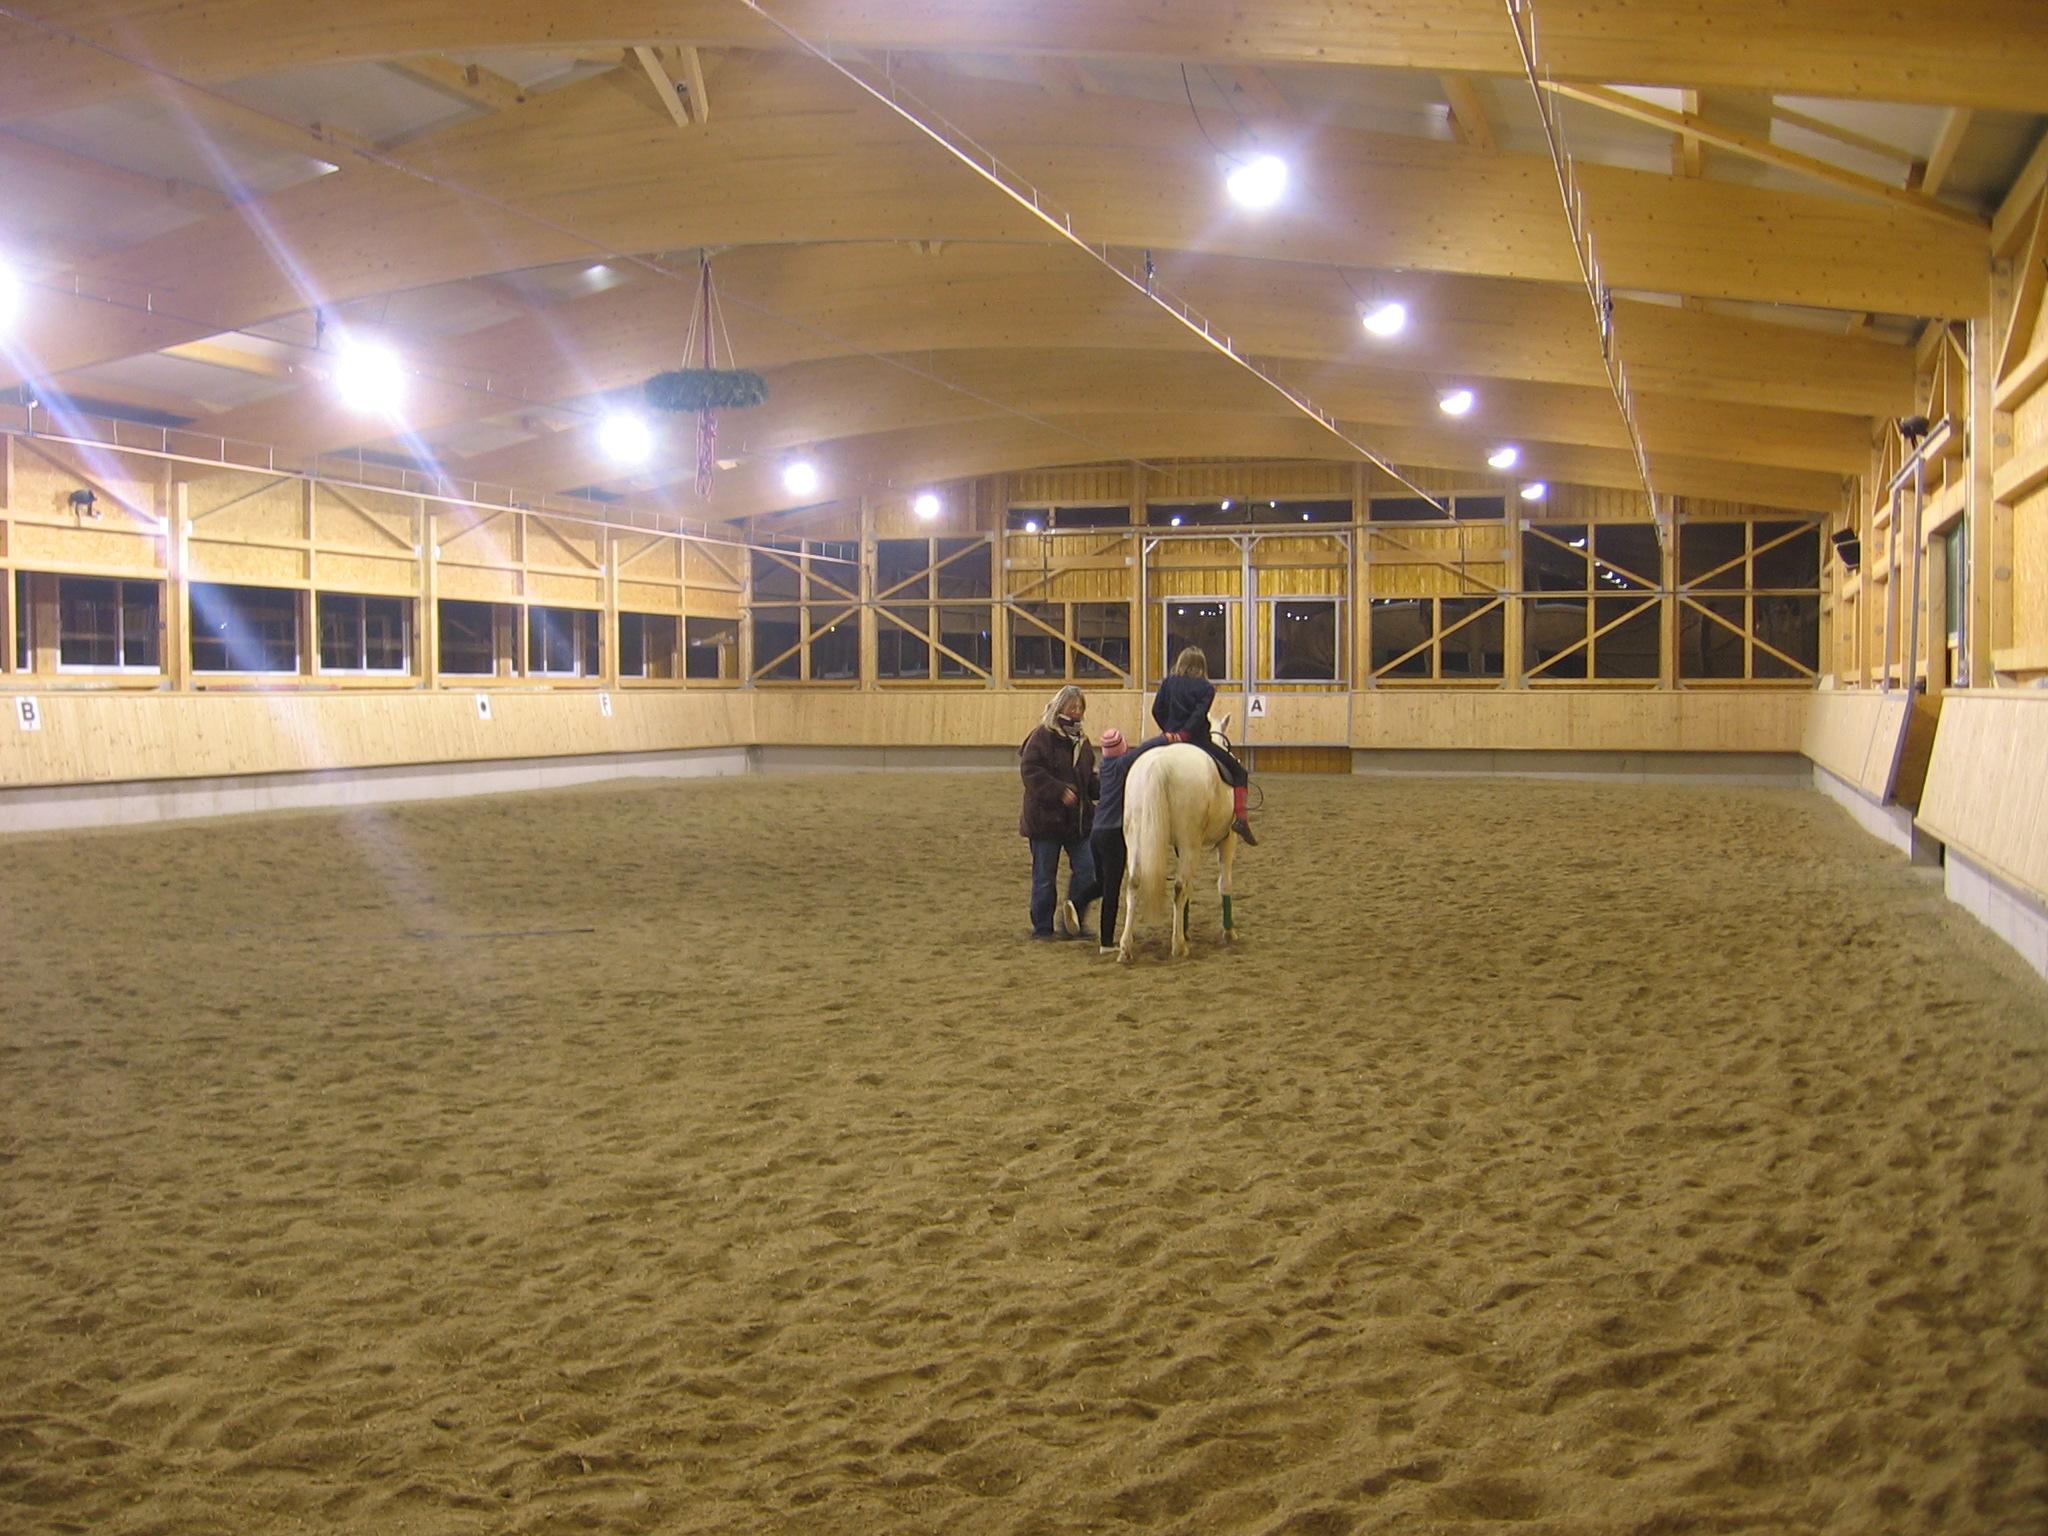 Rijhal Eberhardzell Stallbeleuchtung Pferde Stalverlichting Paarden d'éclairage Équin barn lighting Horses